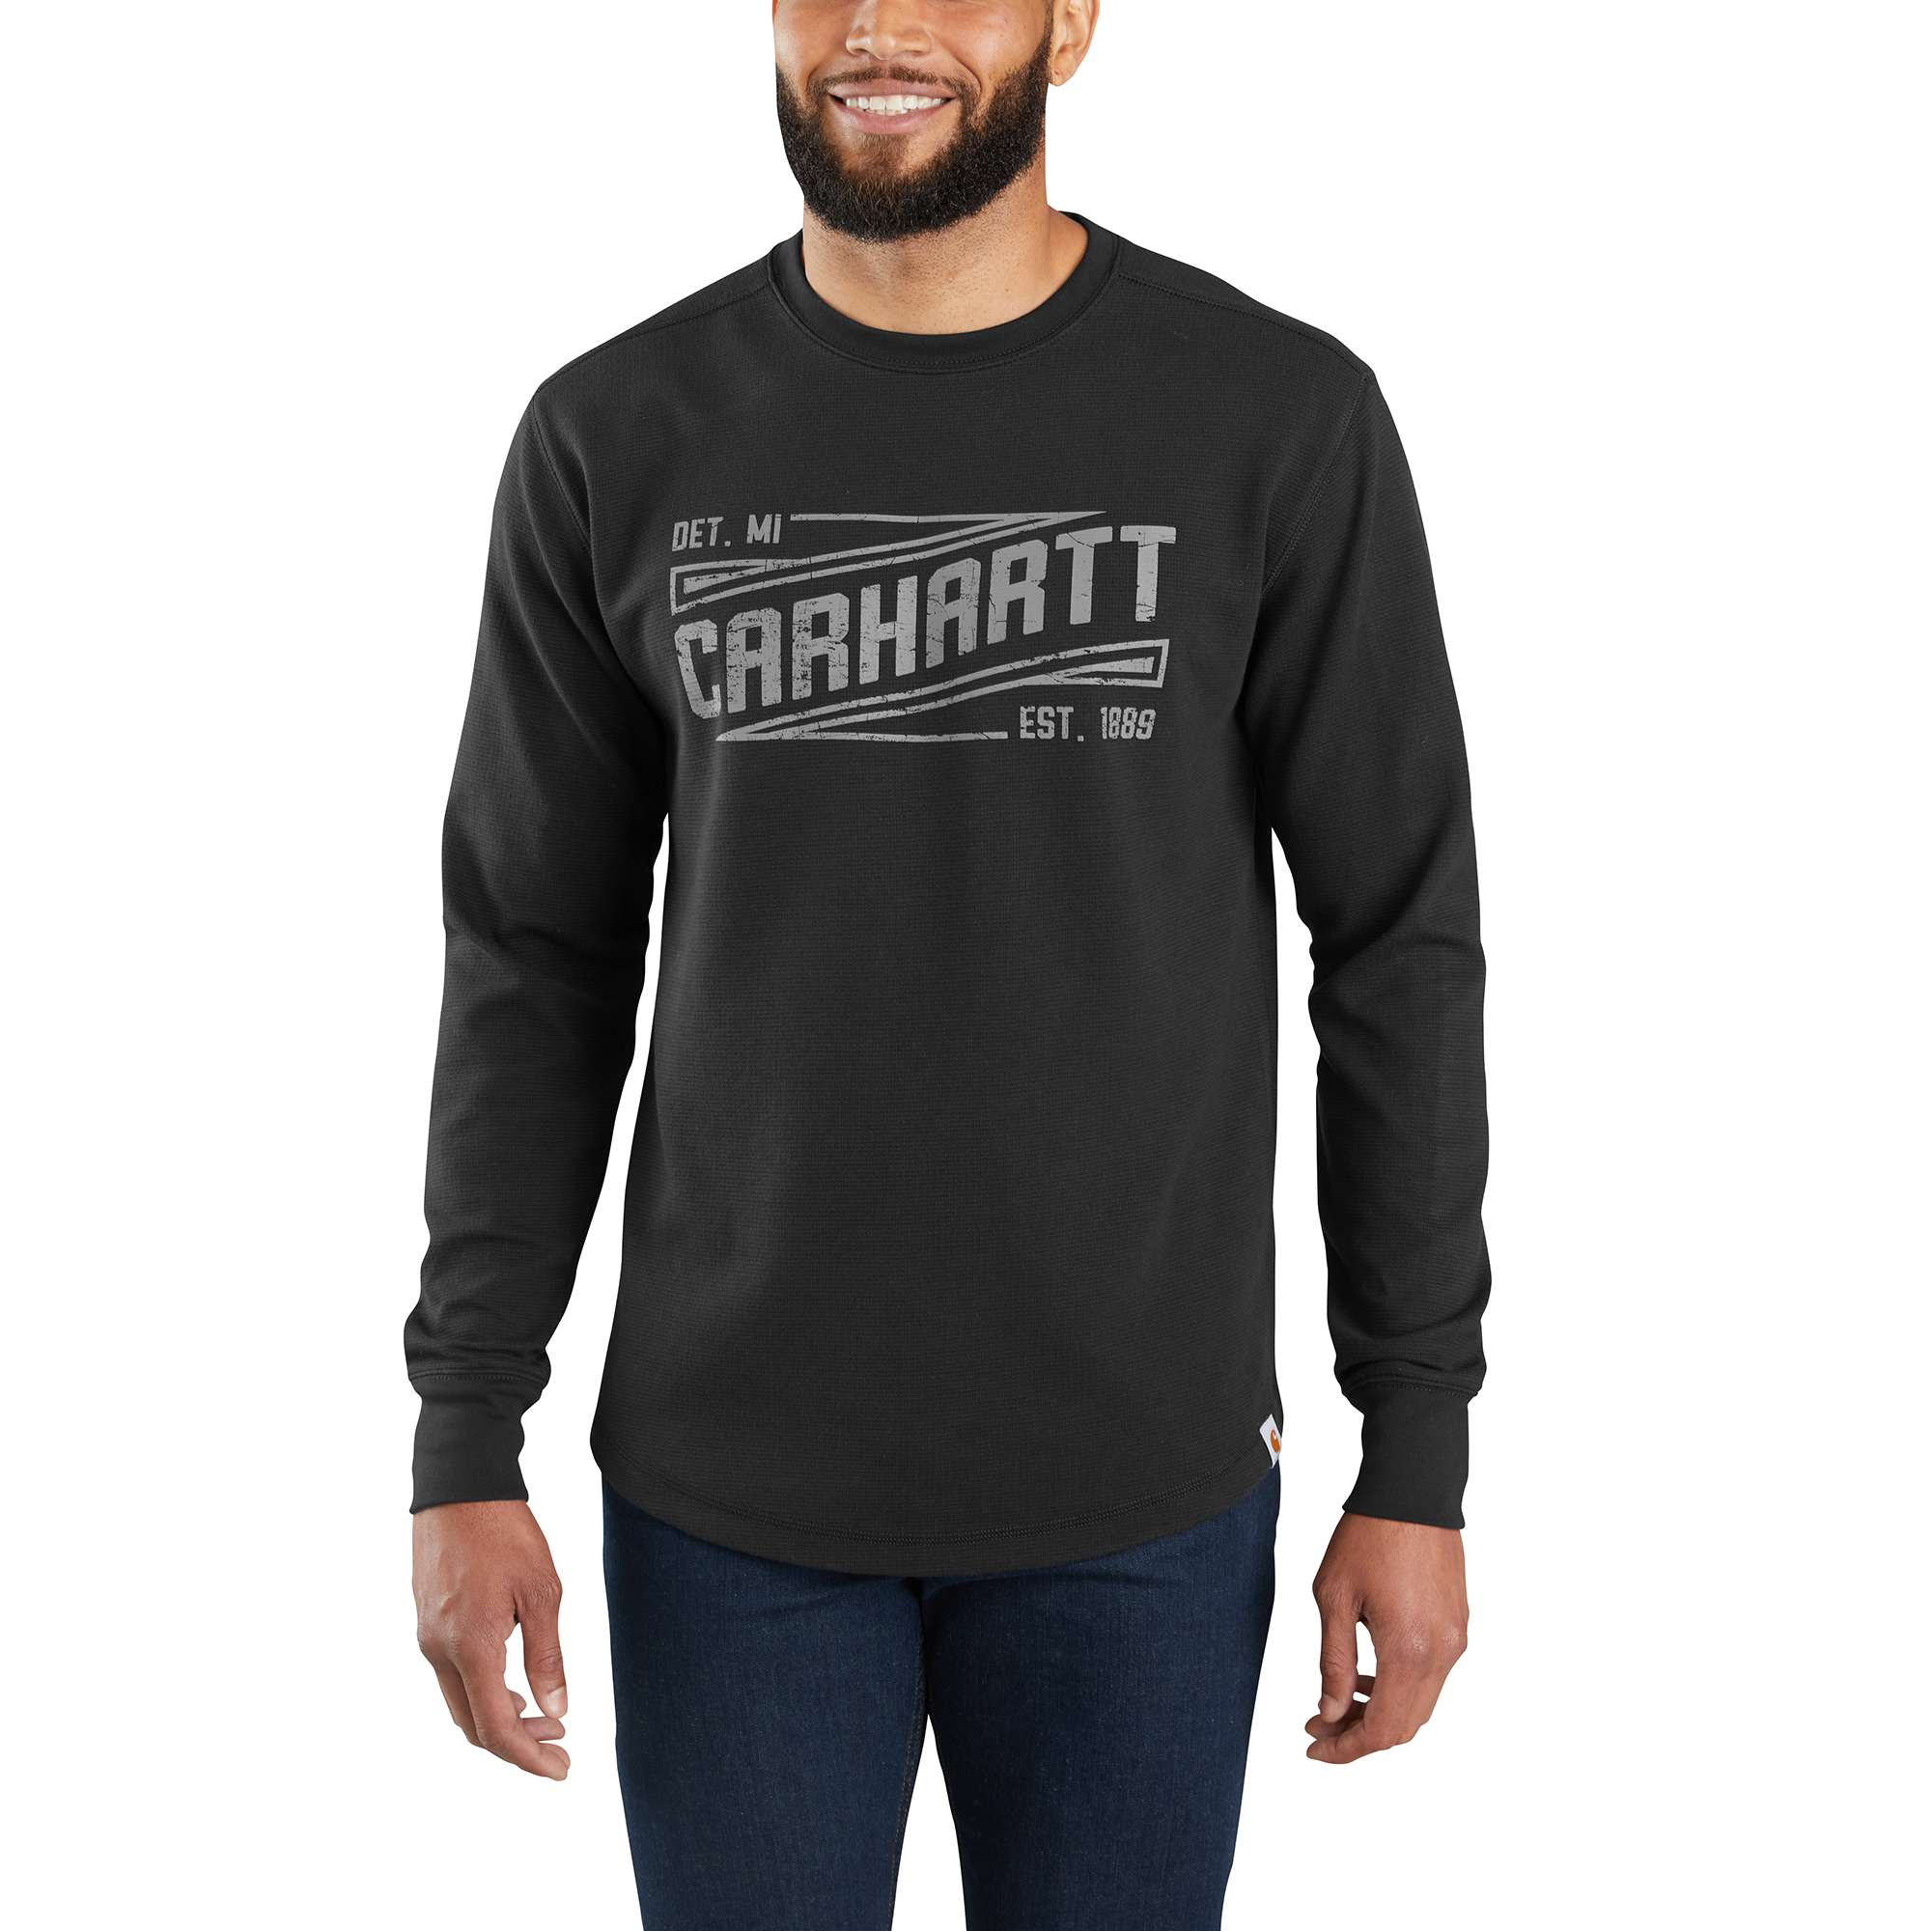 Carhartt Tilden Graphic Long-Sleeve Shirt